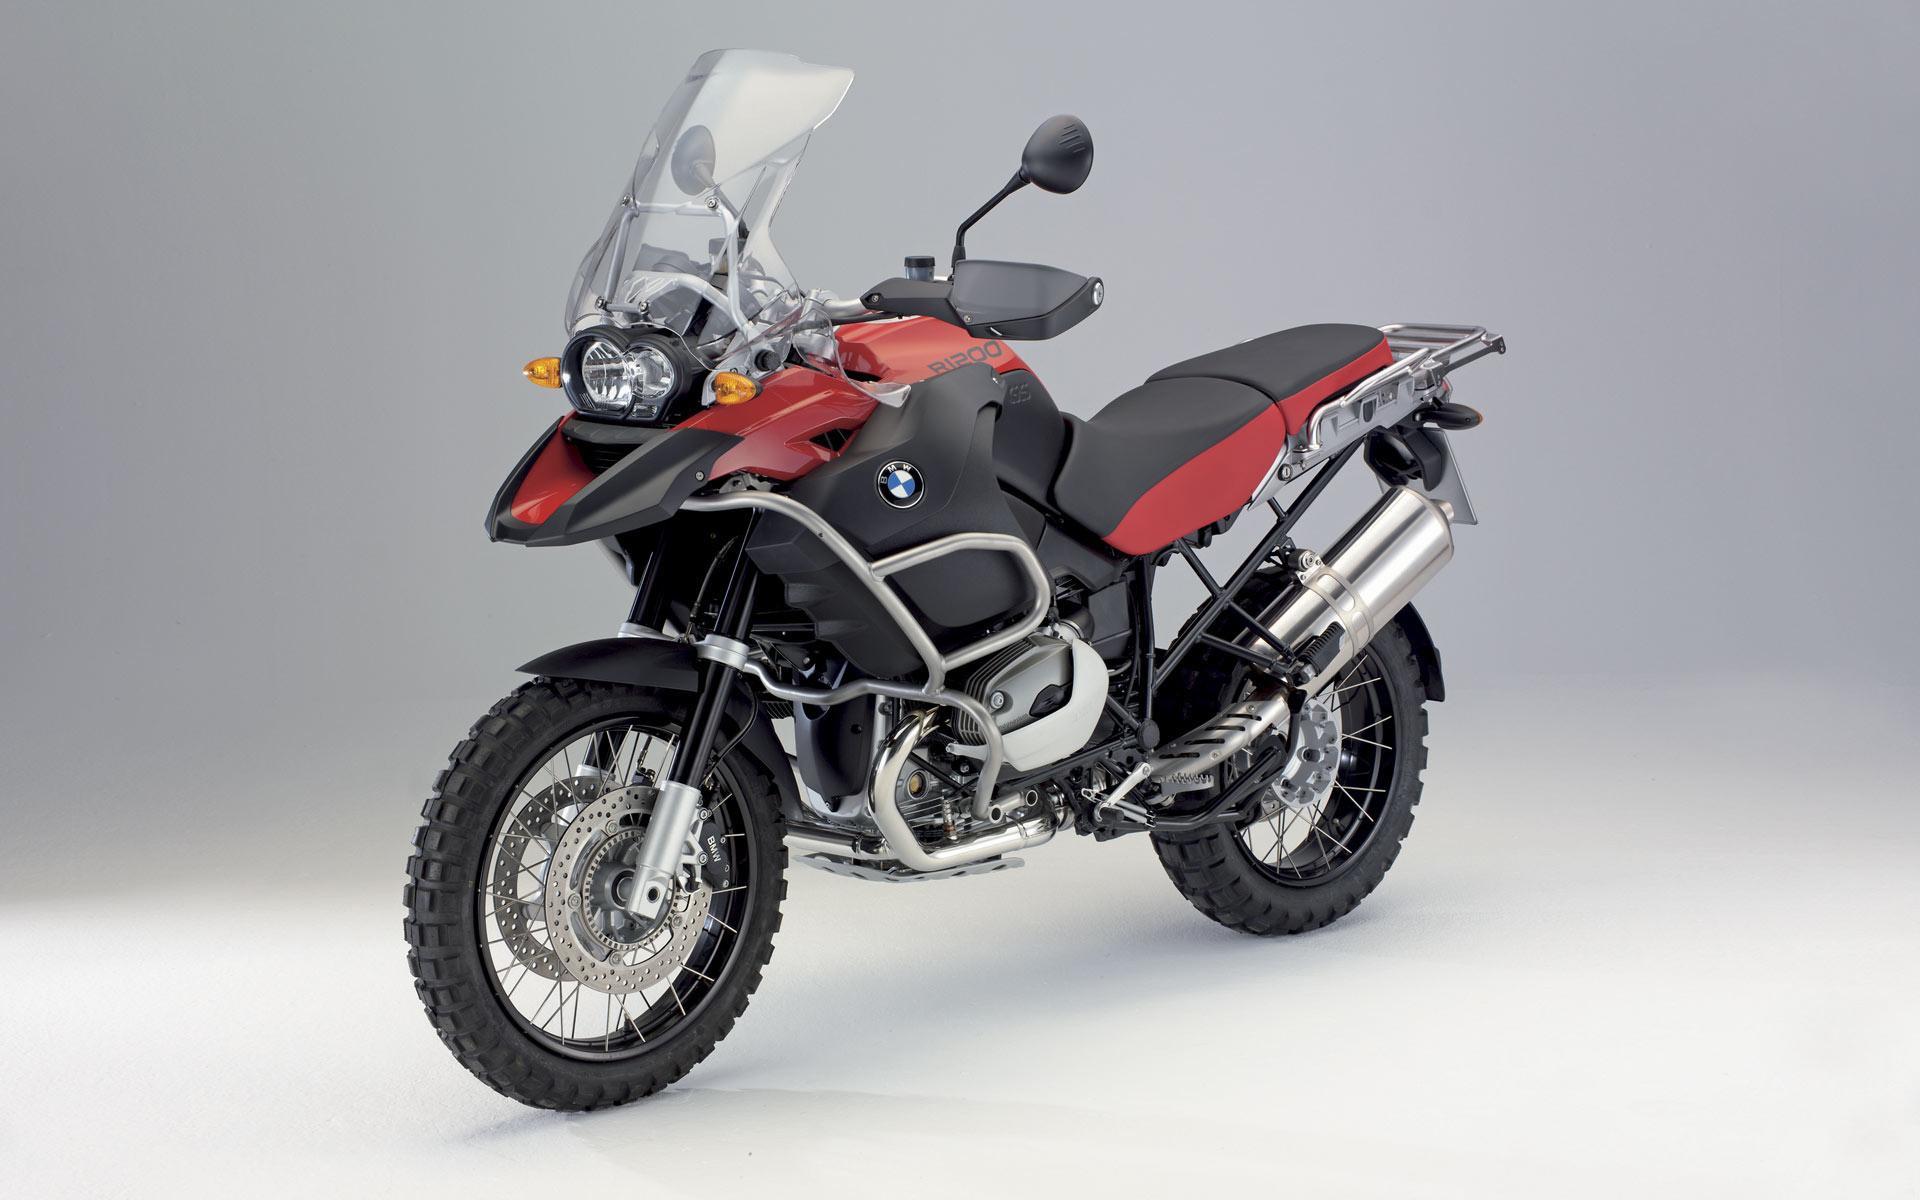 Мотоцикл БМВ 1200 гс #11